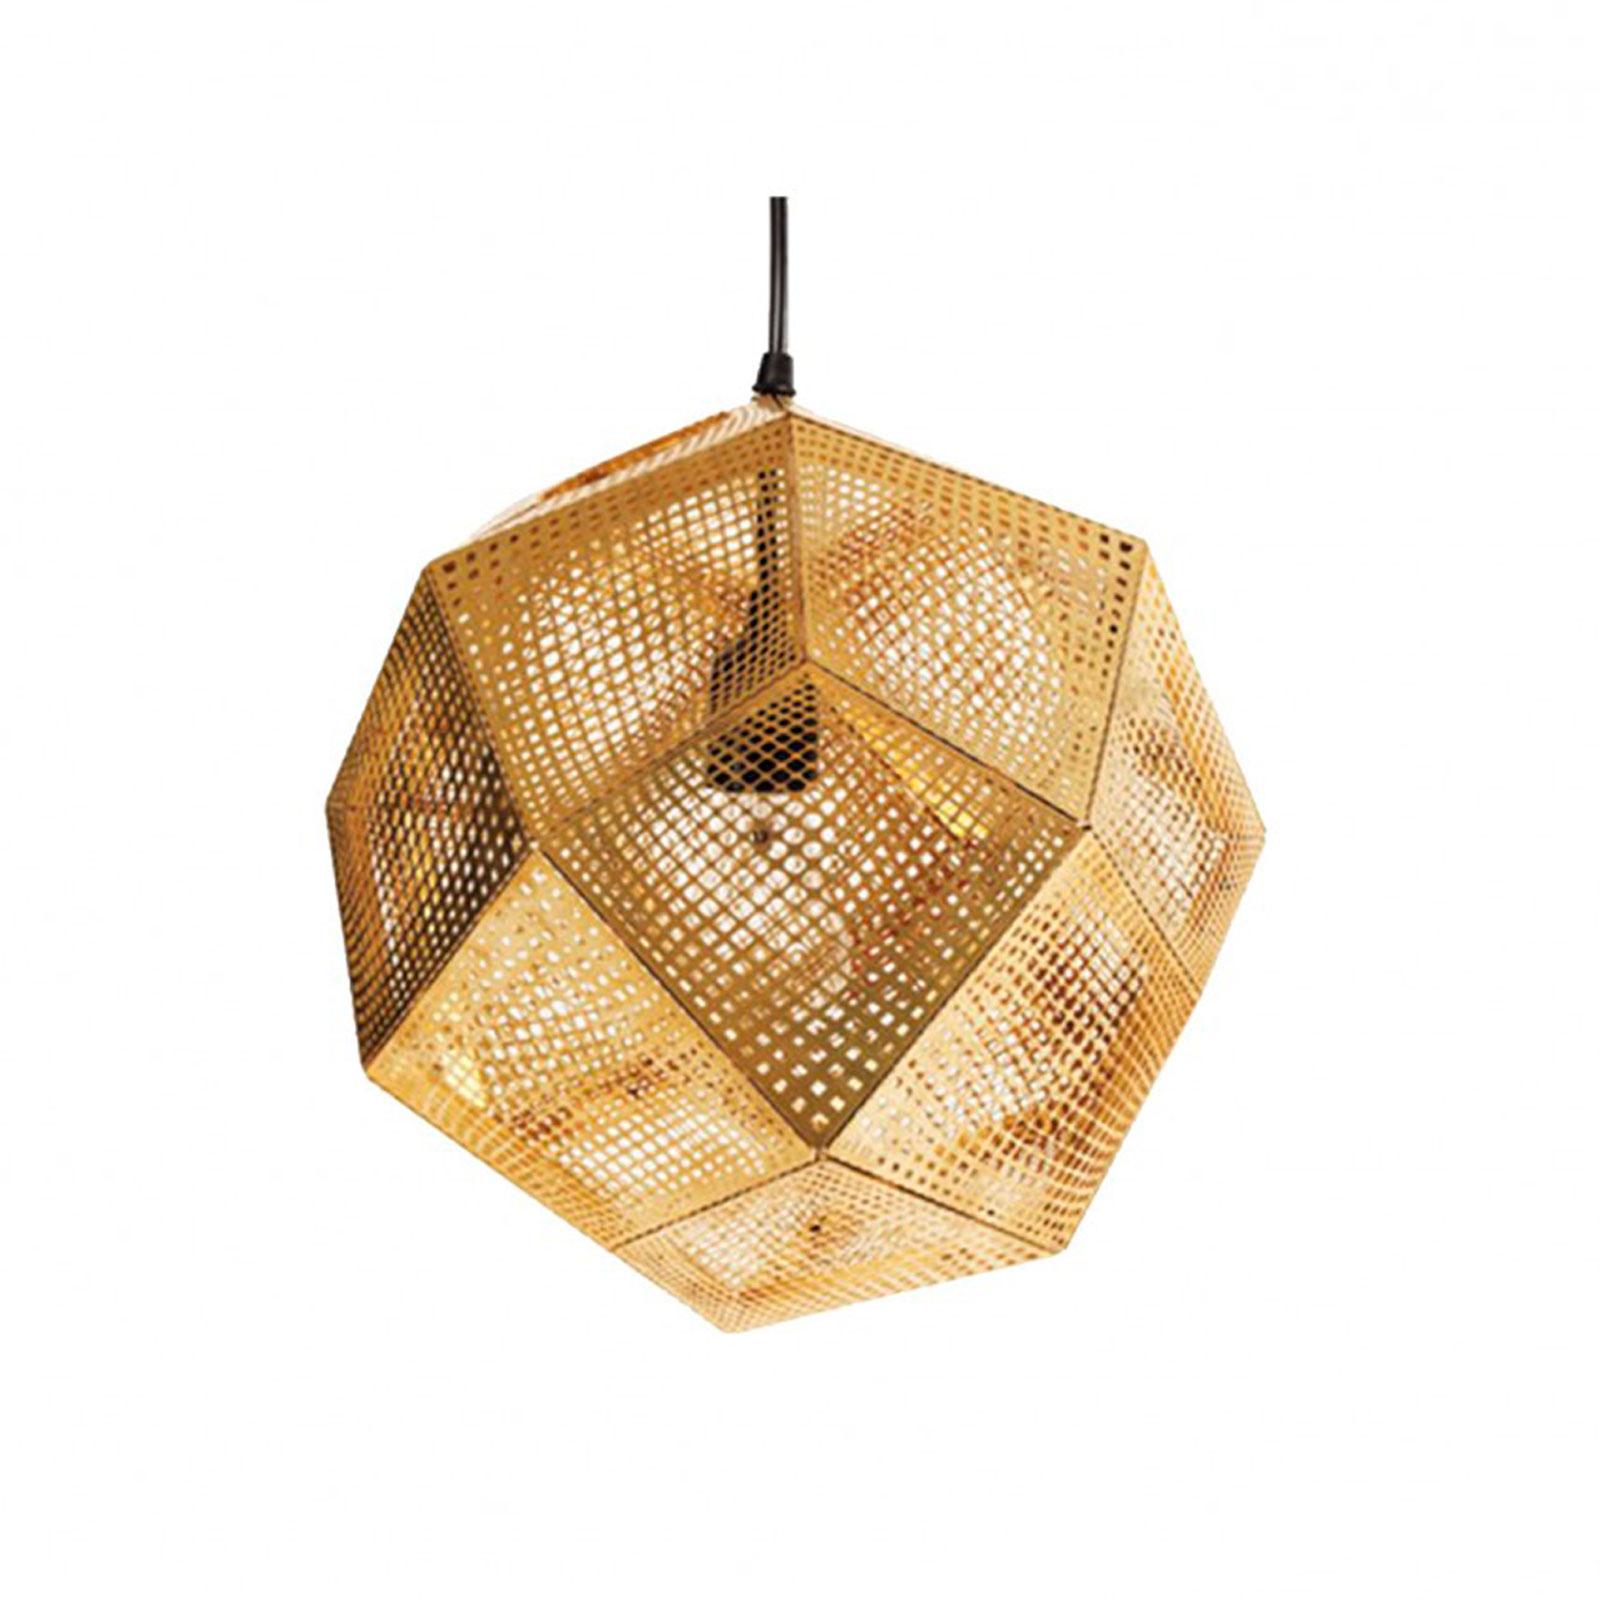 tom dixon etch lamp formdecor. Black Bedroom Furniture Sets. Home Design Ideas